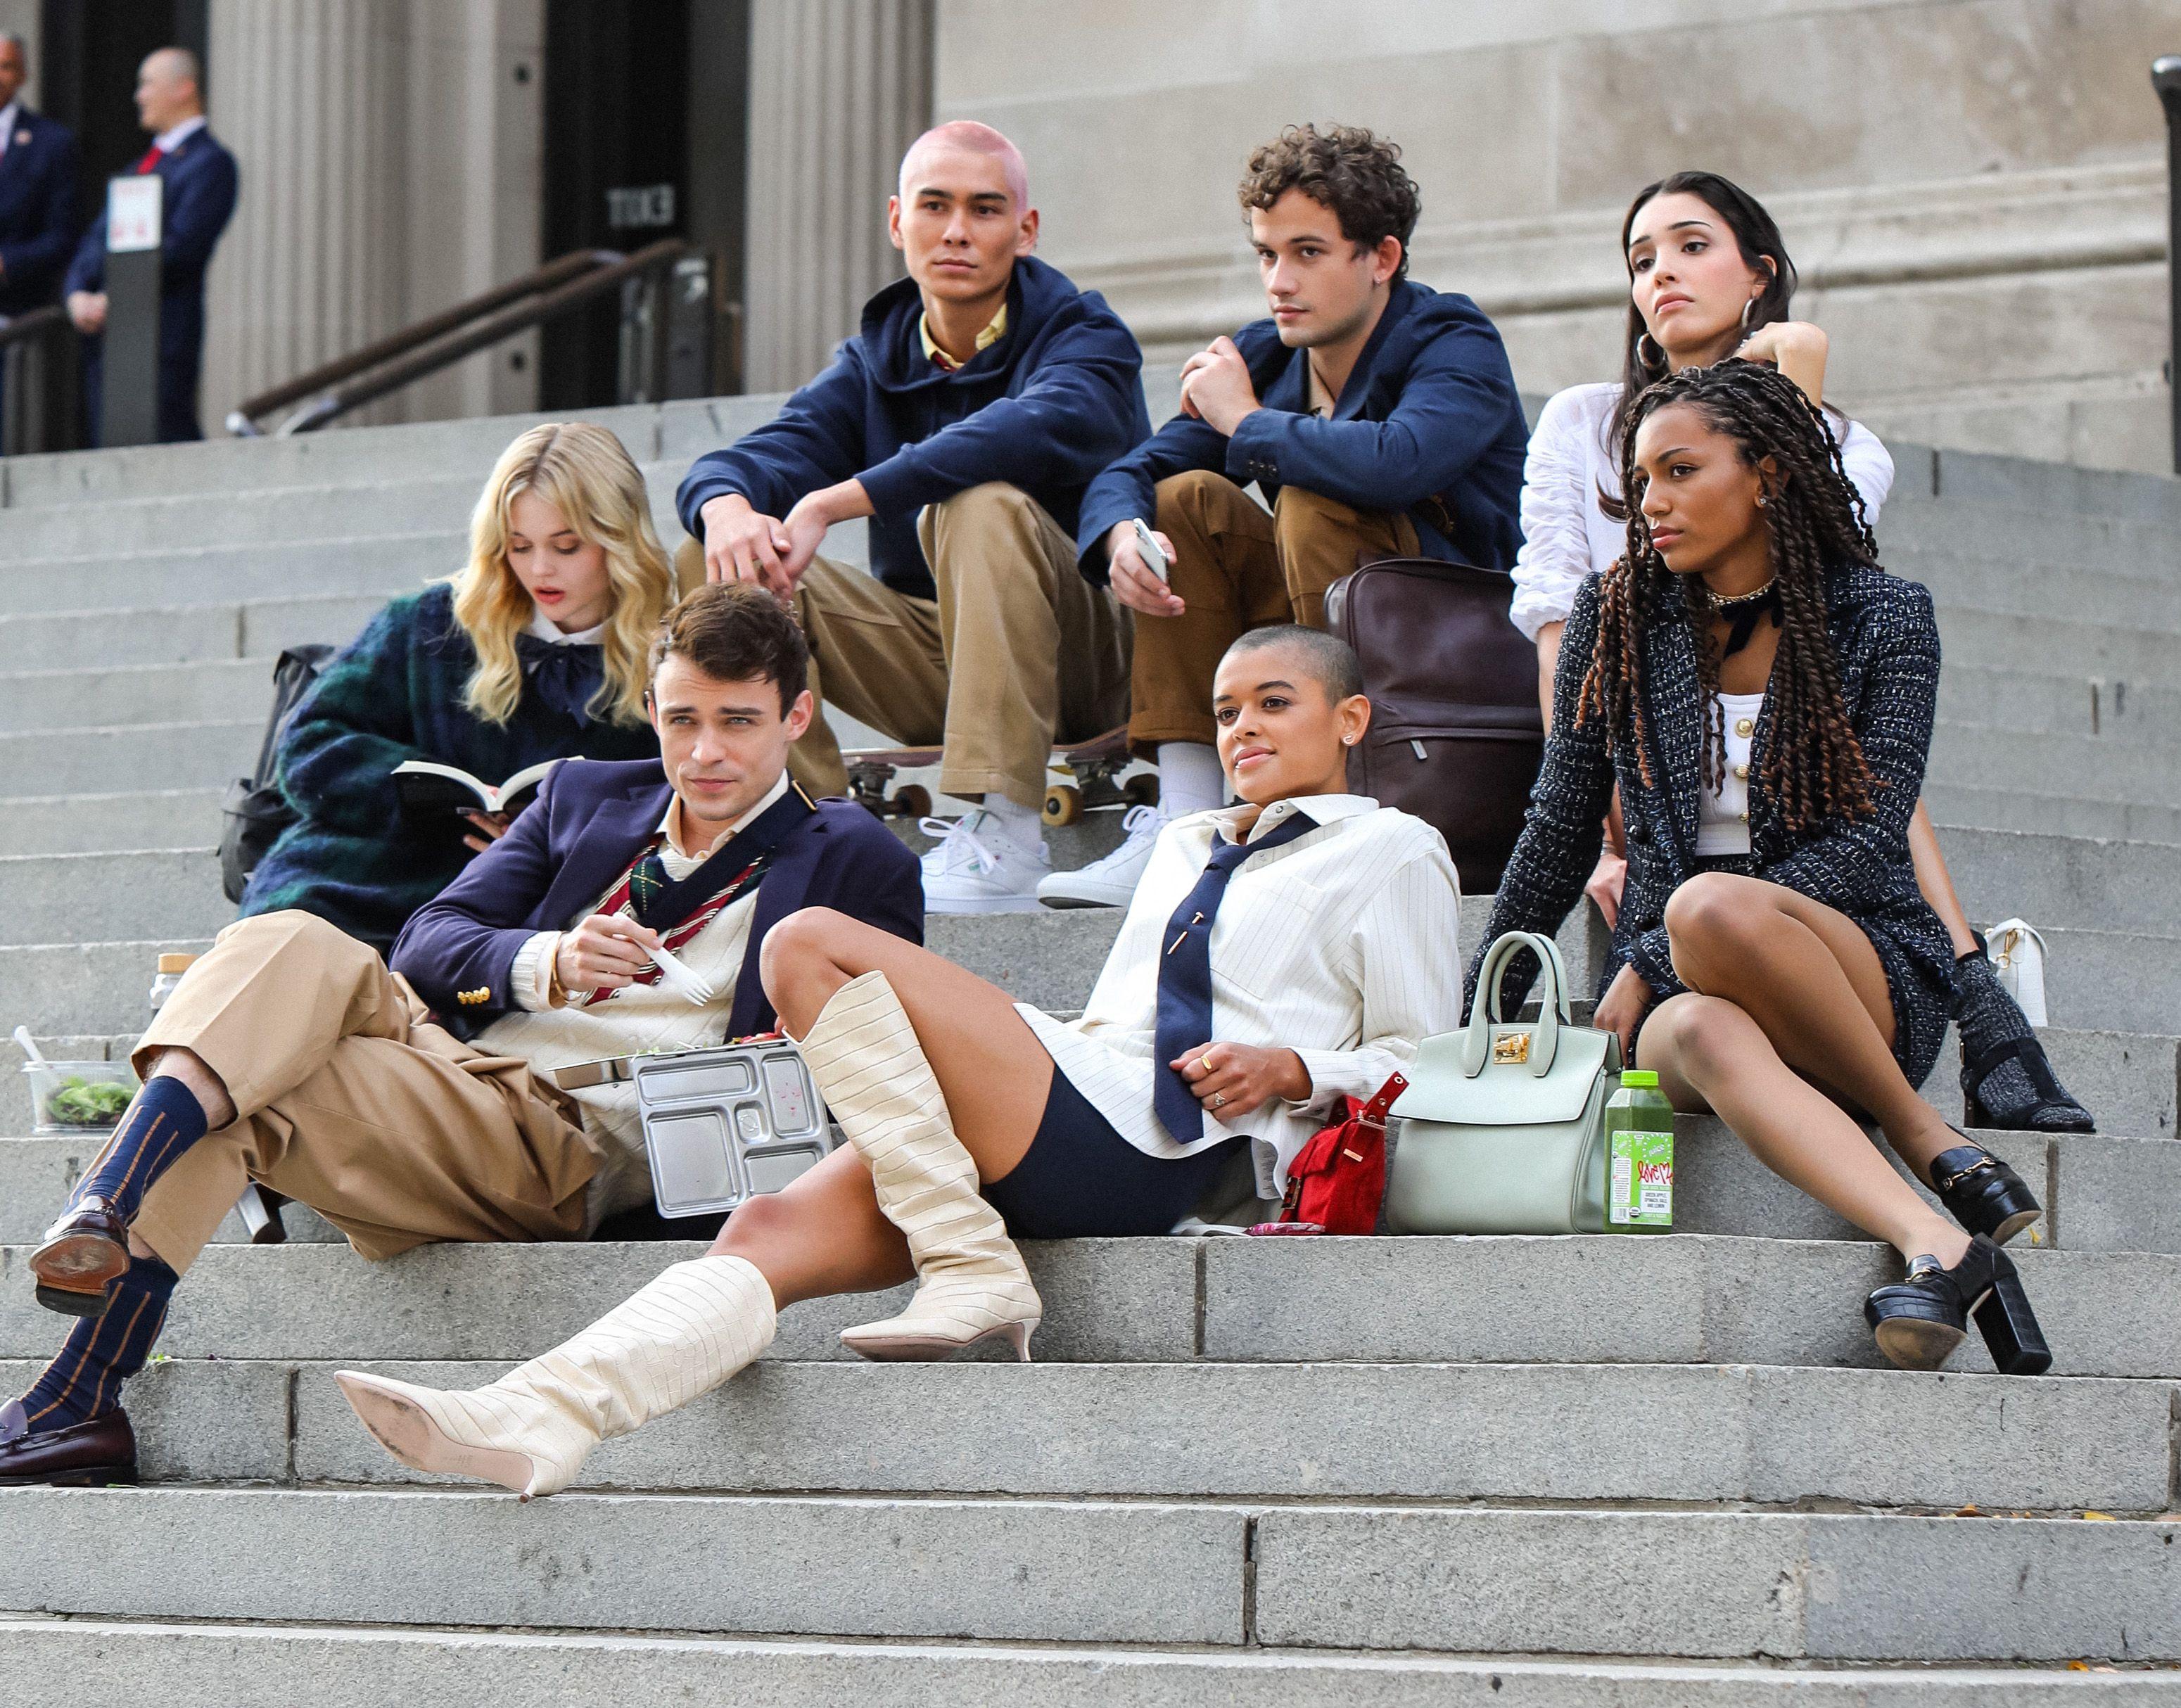 Le prime immagini del reboot di Gossip Girl sono destabilizzanti (ma rimaniamo fiduciosi)